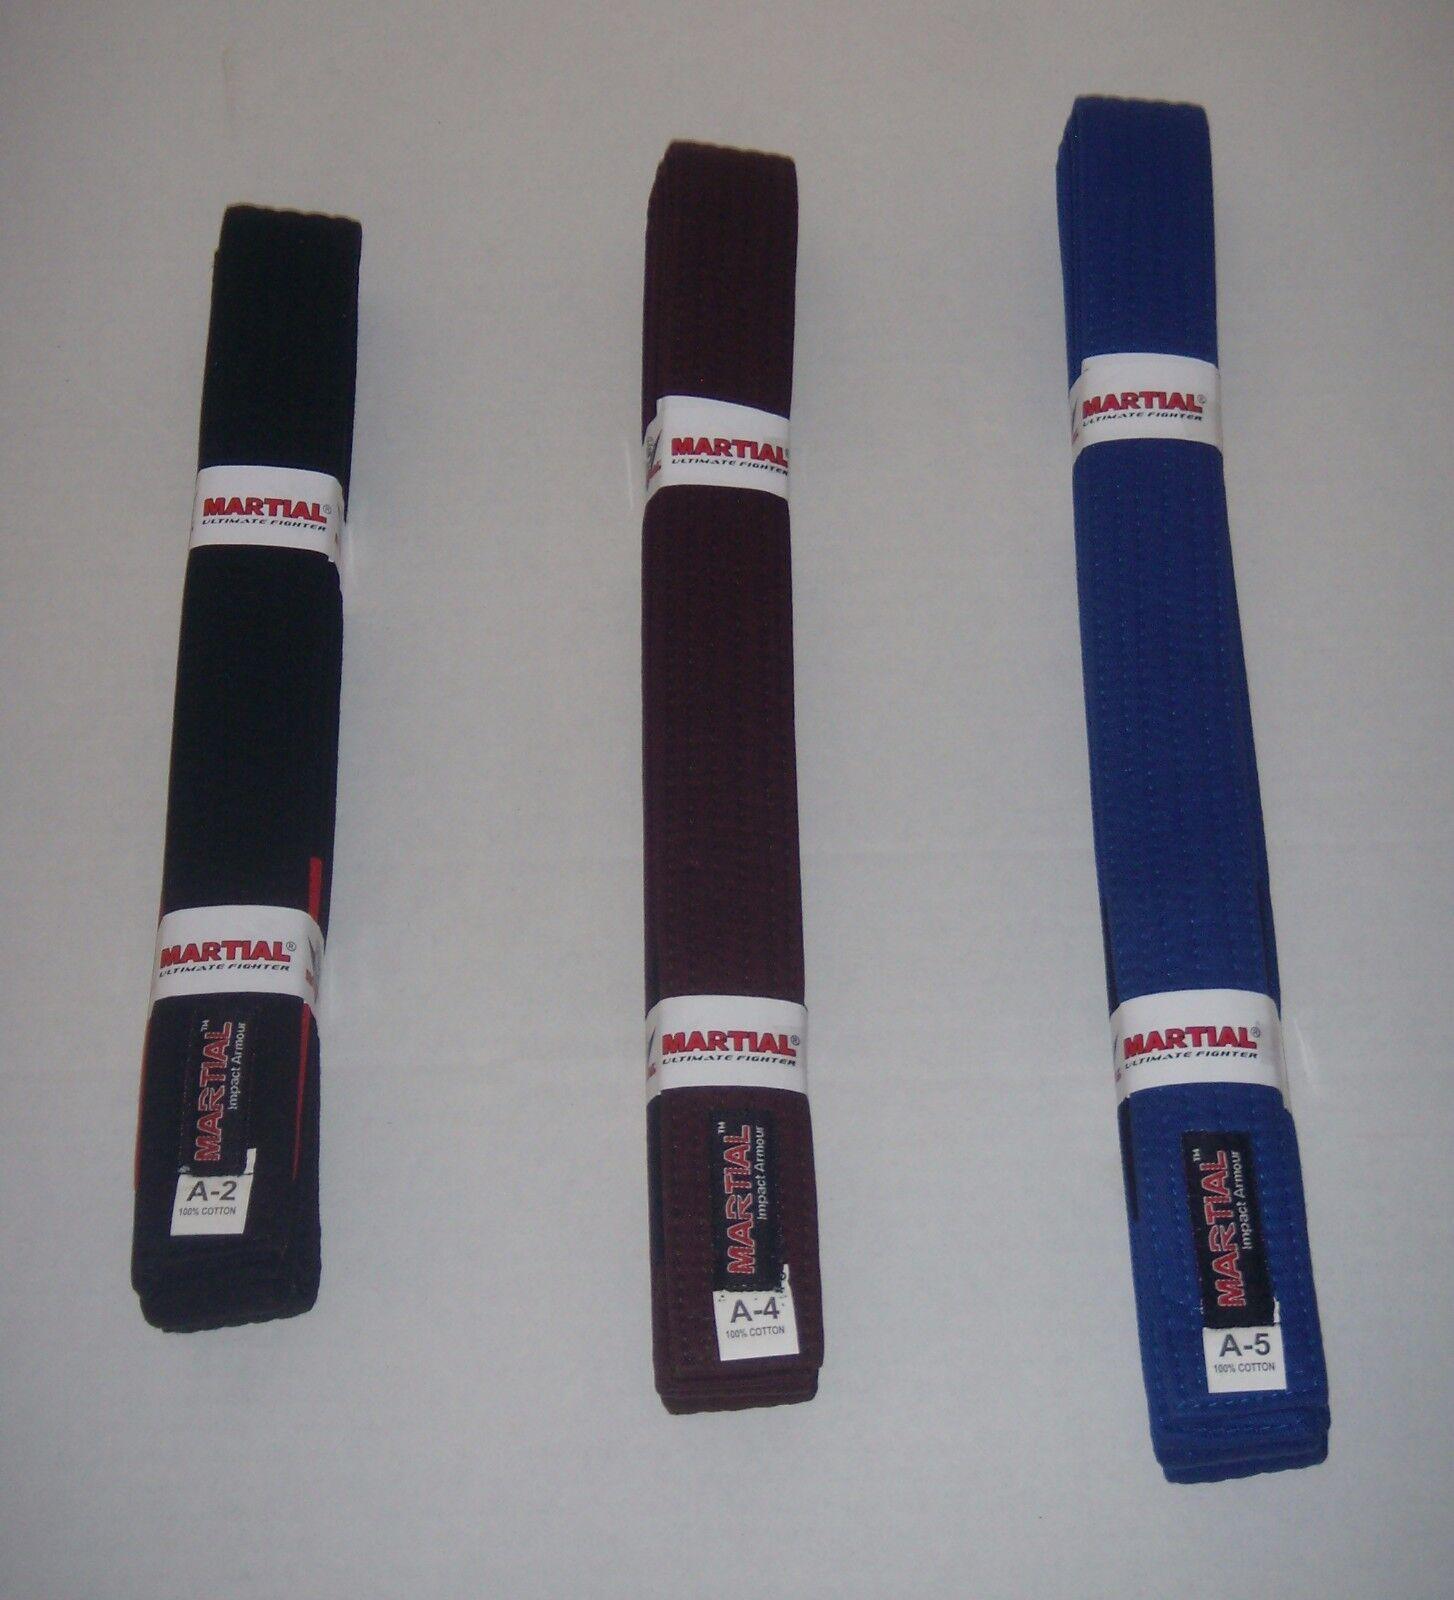 Martial Brazilian Jiu Jitsu Belts (Professional Quality) No Tax,FREE SHIPPING